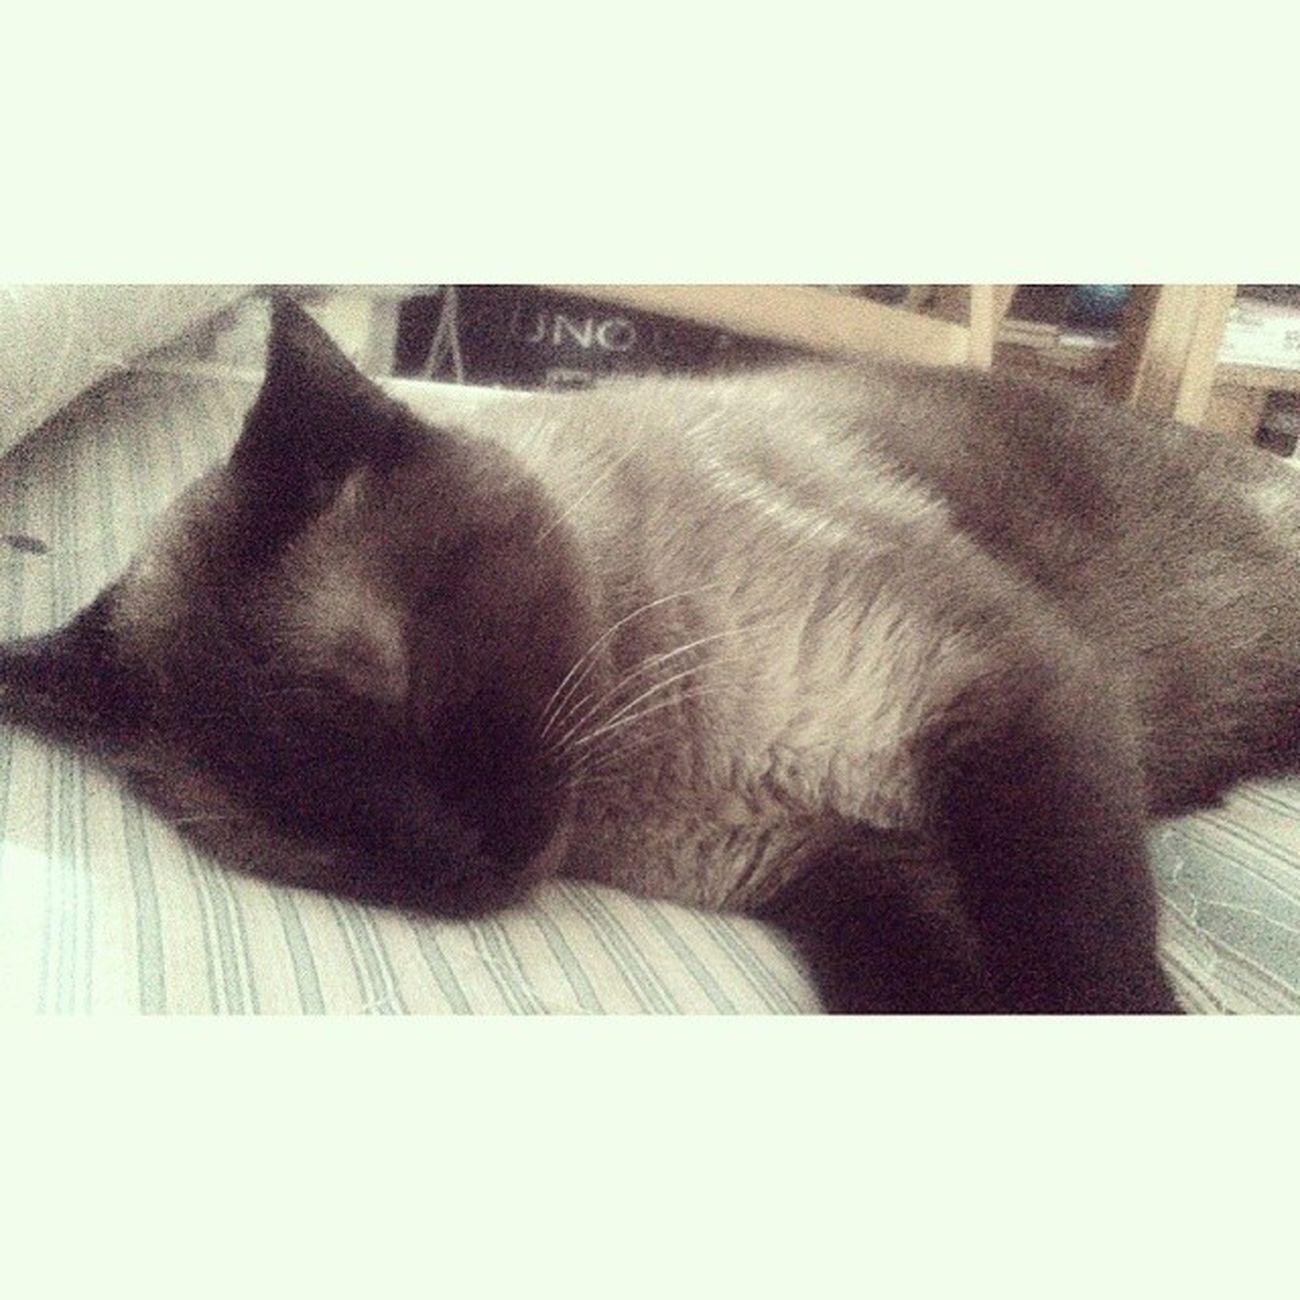 Despertar sentir un bulto extraño lado. <3 100happydays Day6 Amoamigato Sleepingcat días mañanadejueves